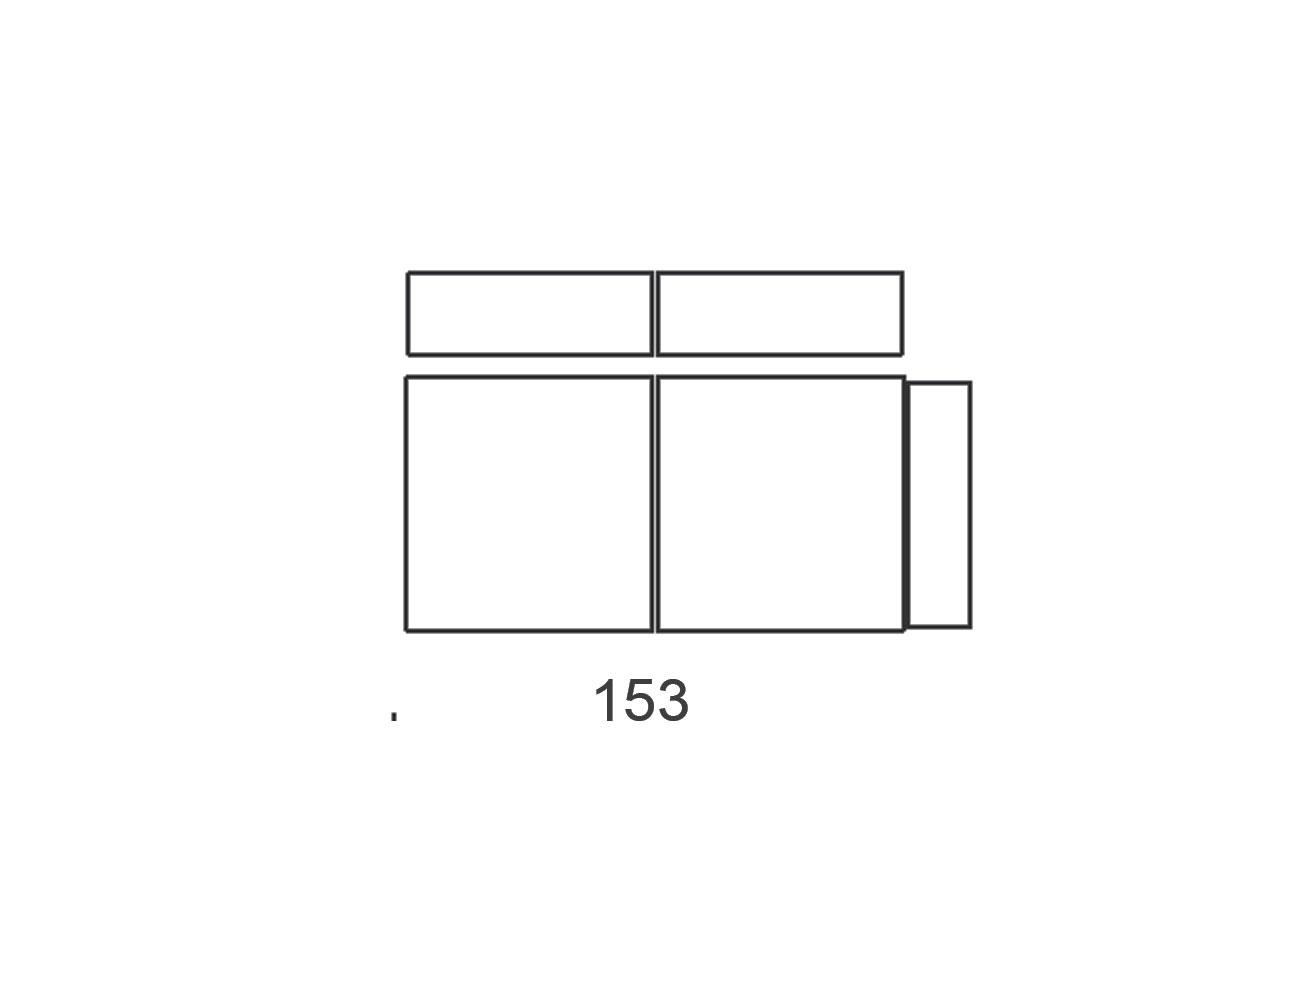 Modulo 1533